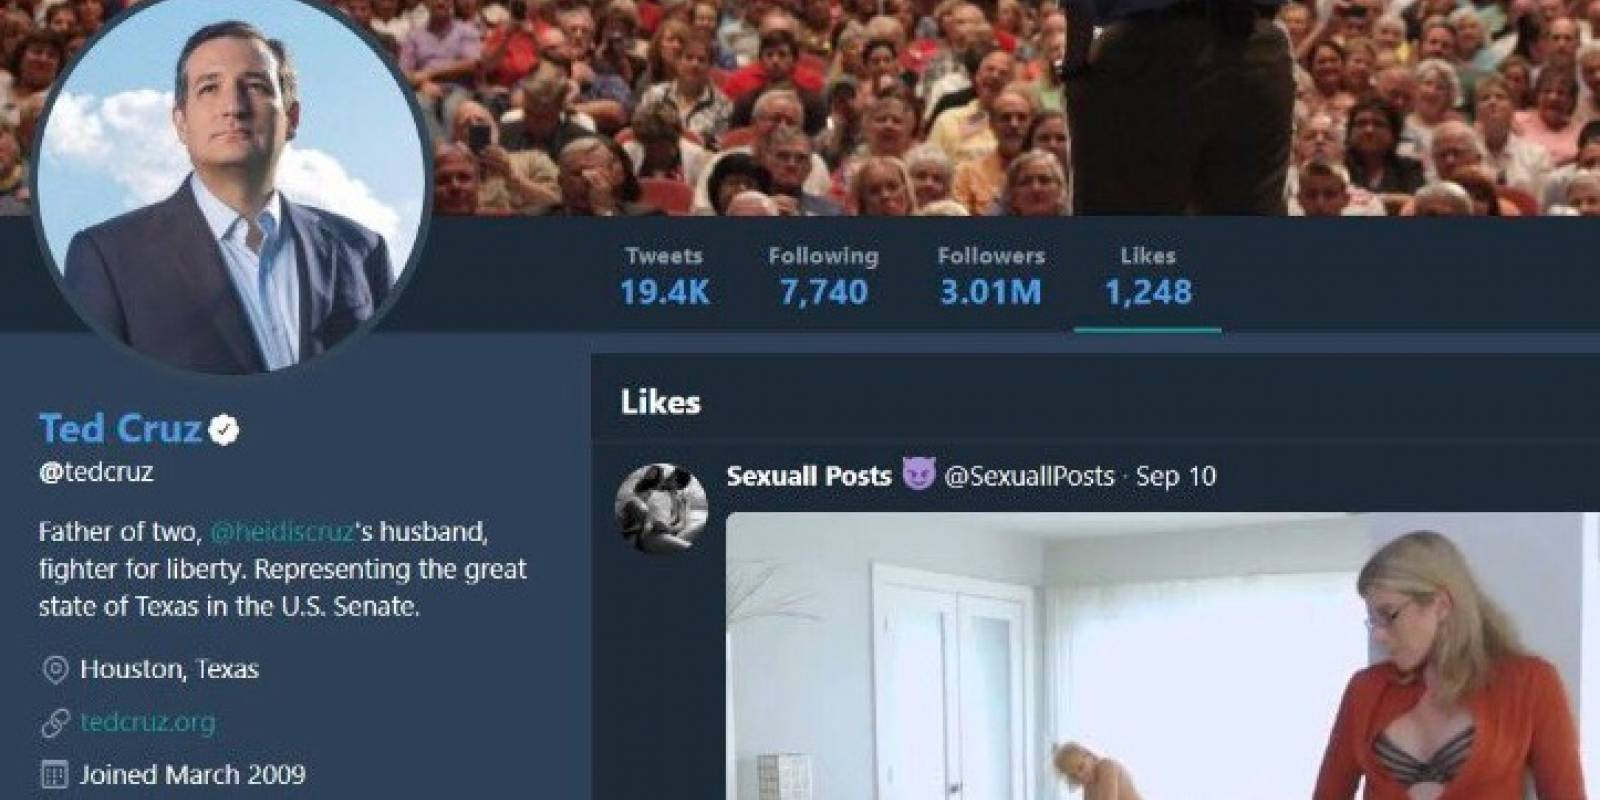 La sorprendente respuesta de estrella porno a Ted Cruz por su 'like'